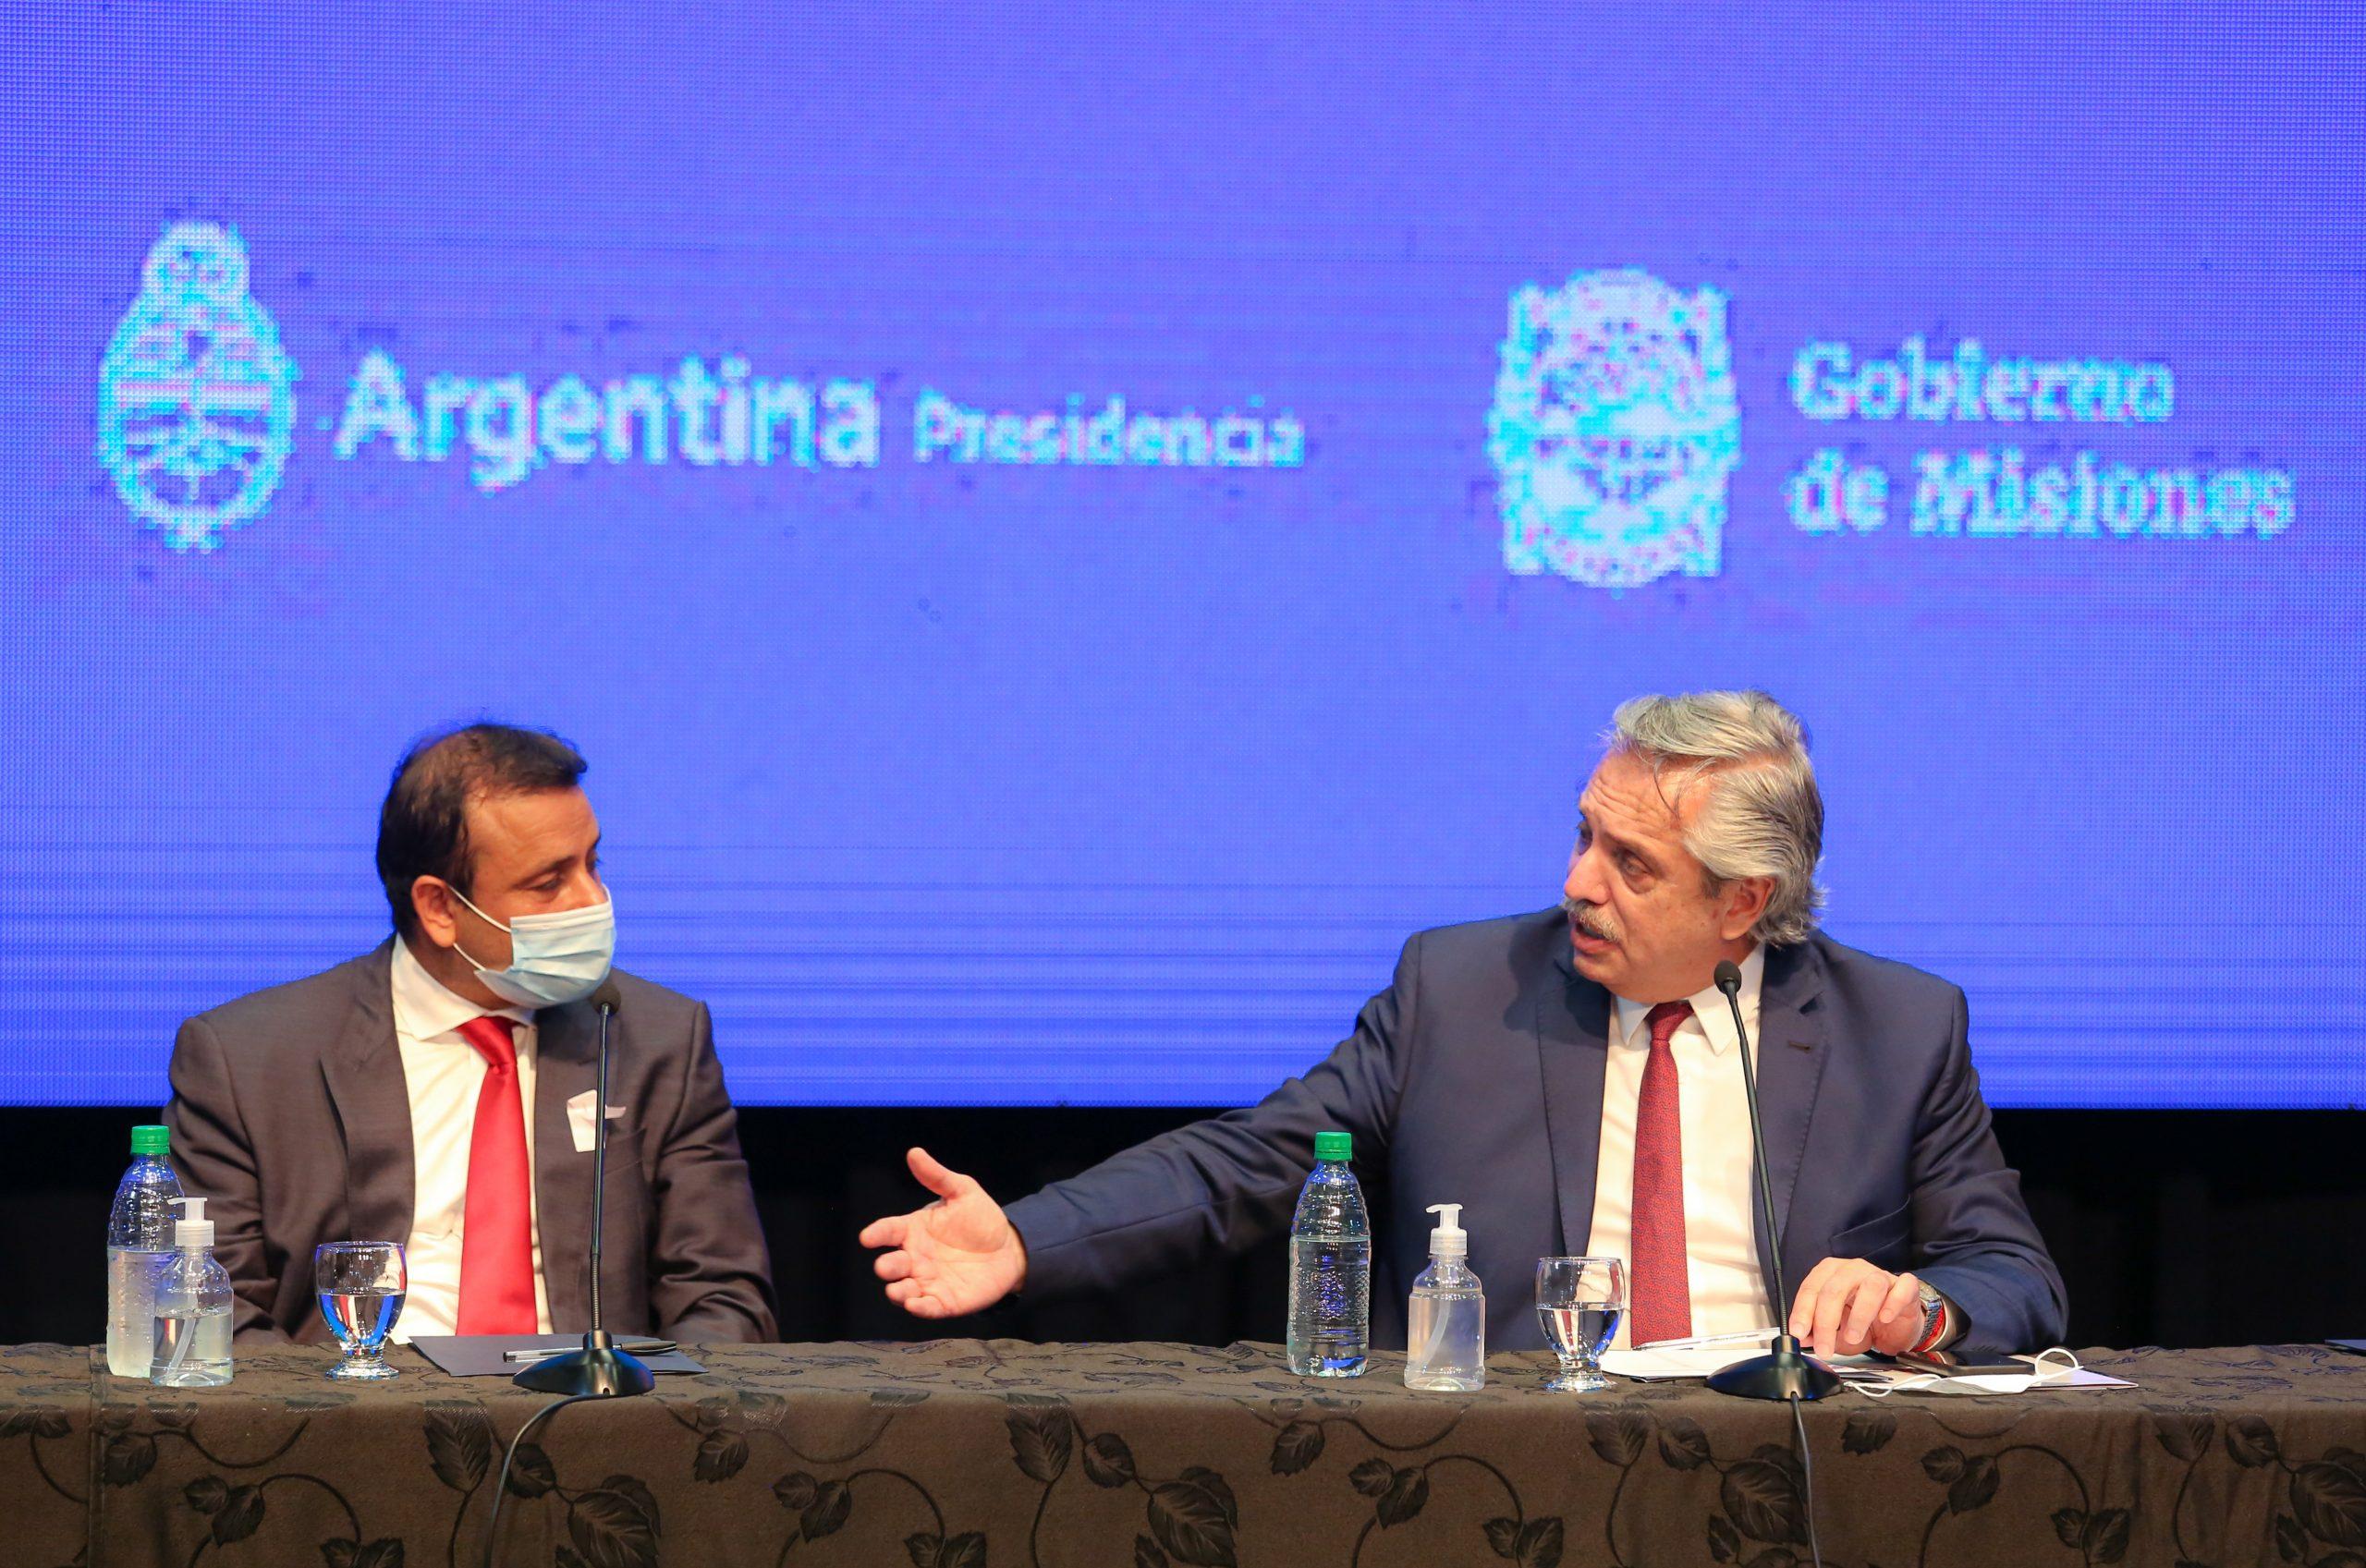 Misiones: el Presidente inauguró obras viales y un hospital, y encabezó la firma de convenios con el gobierno provincial